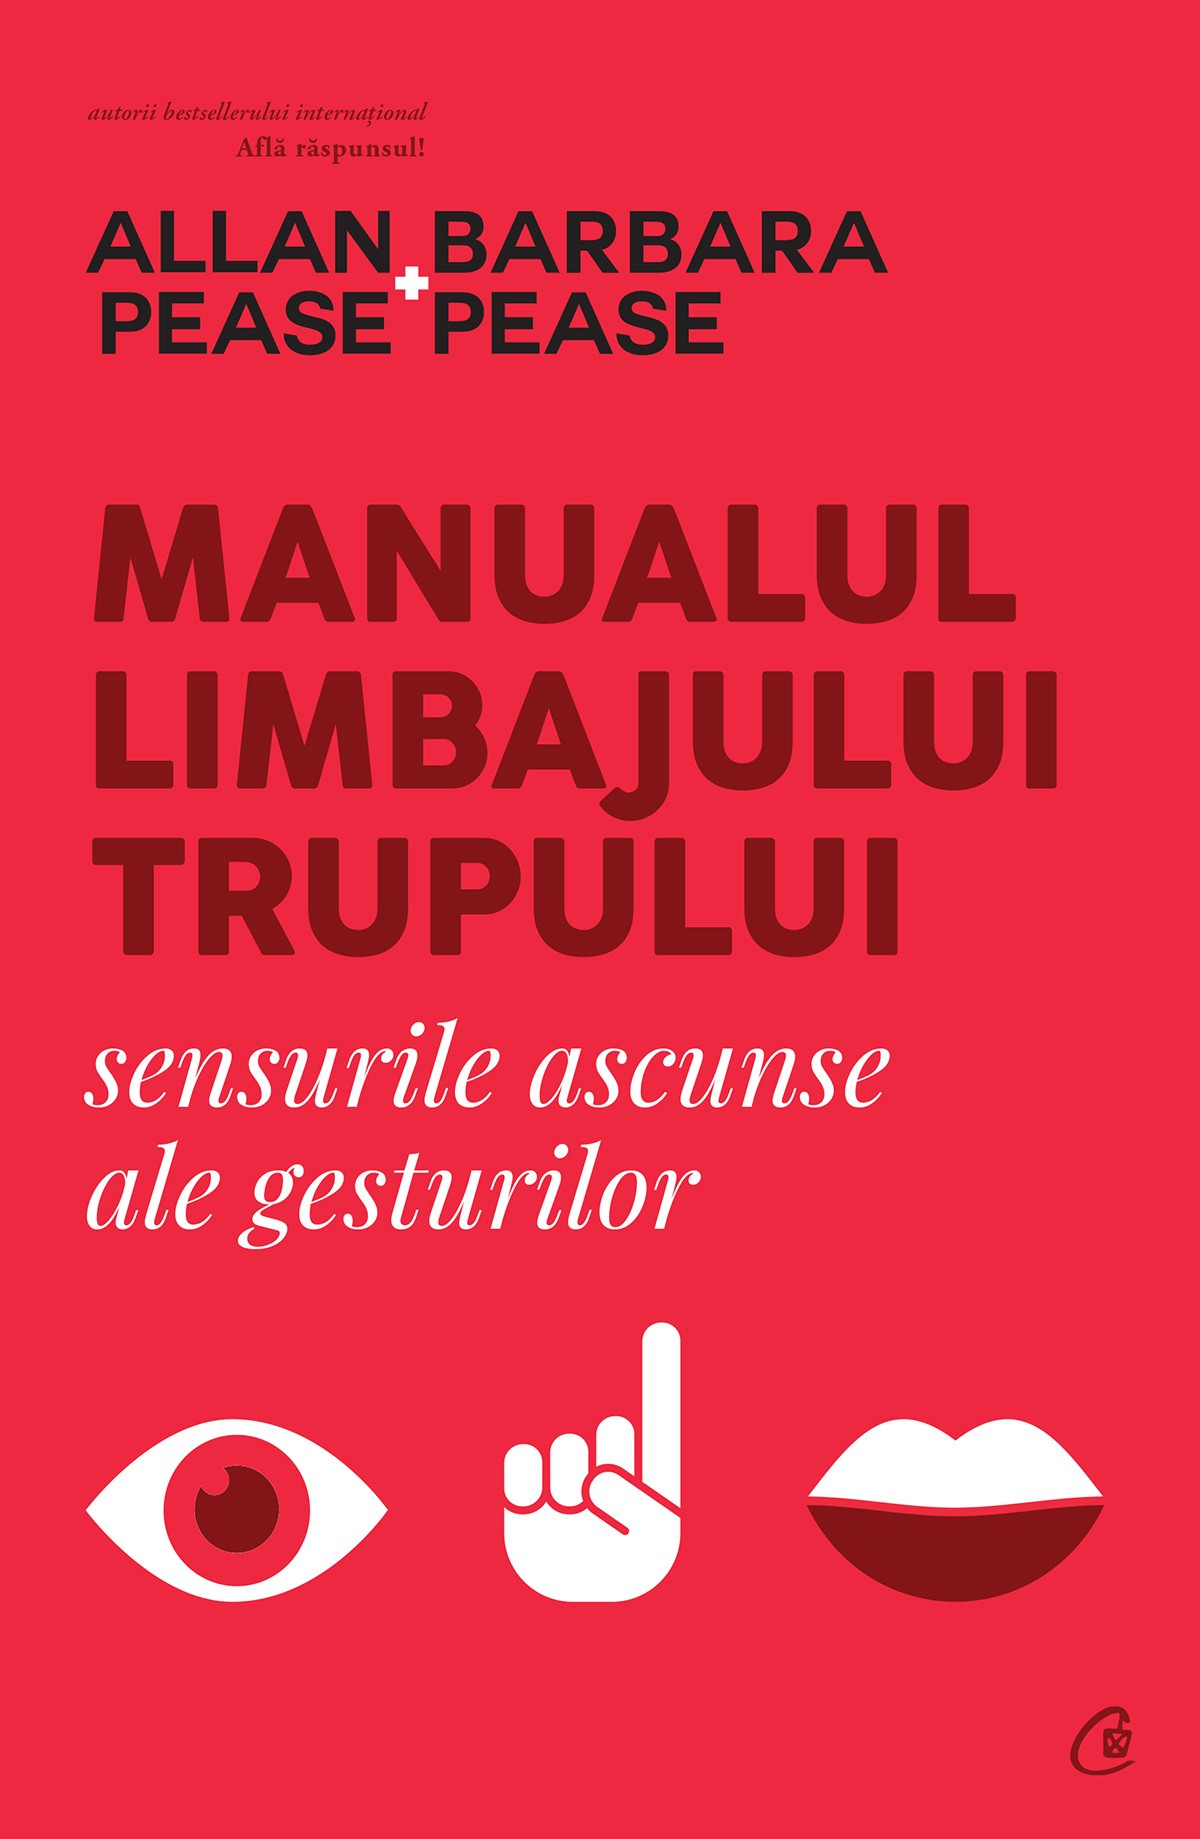 Manualul limbajului trupului